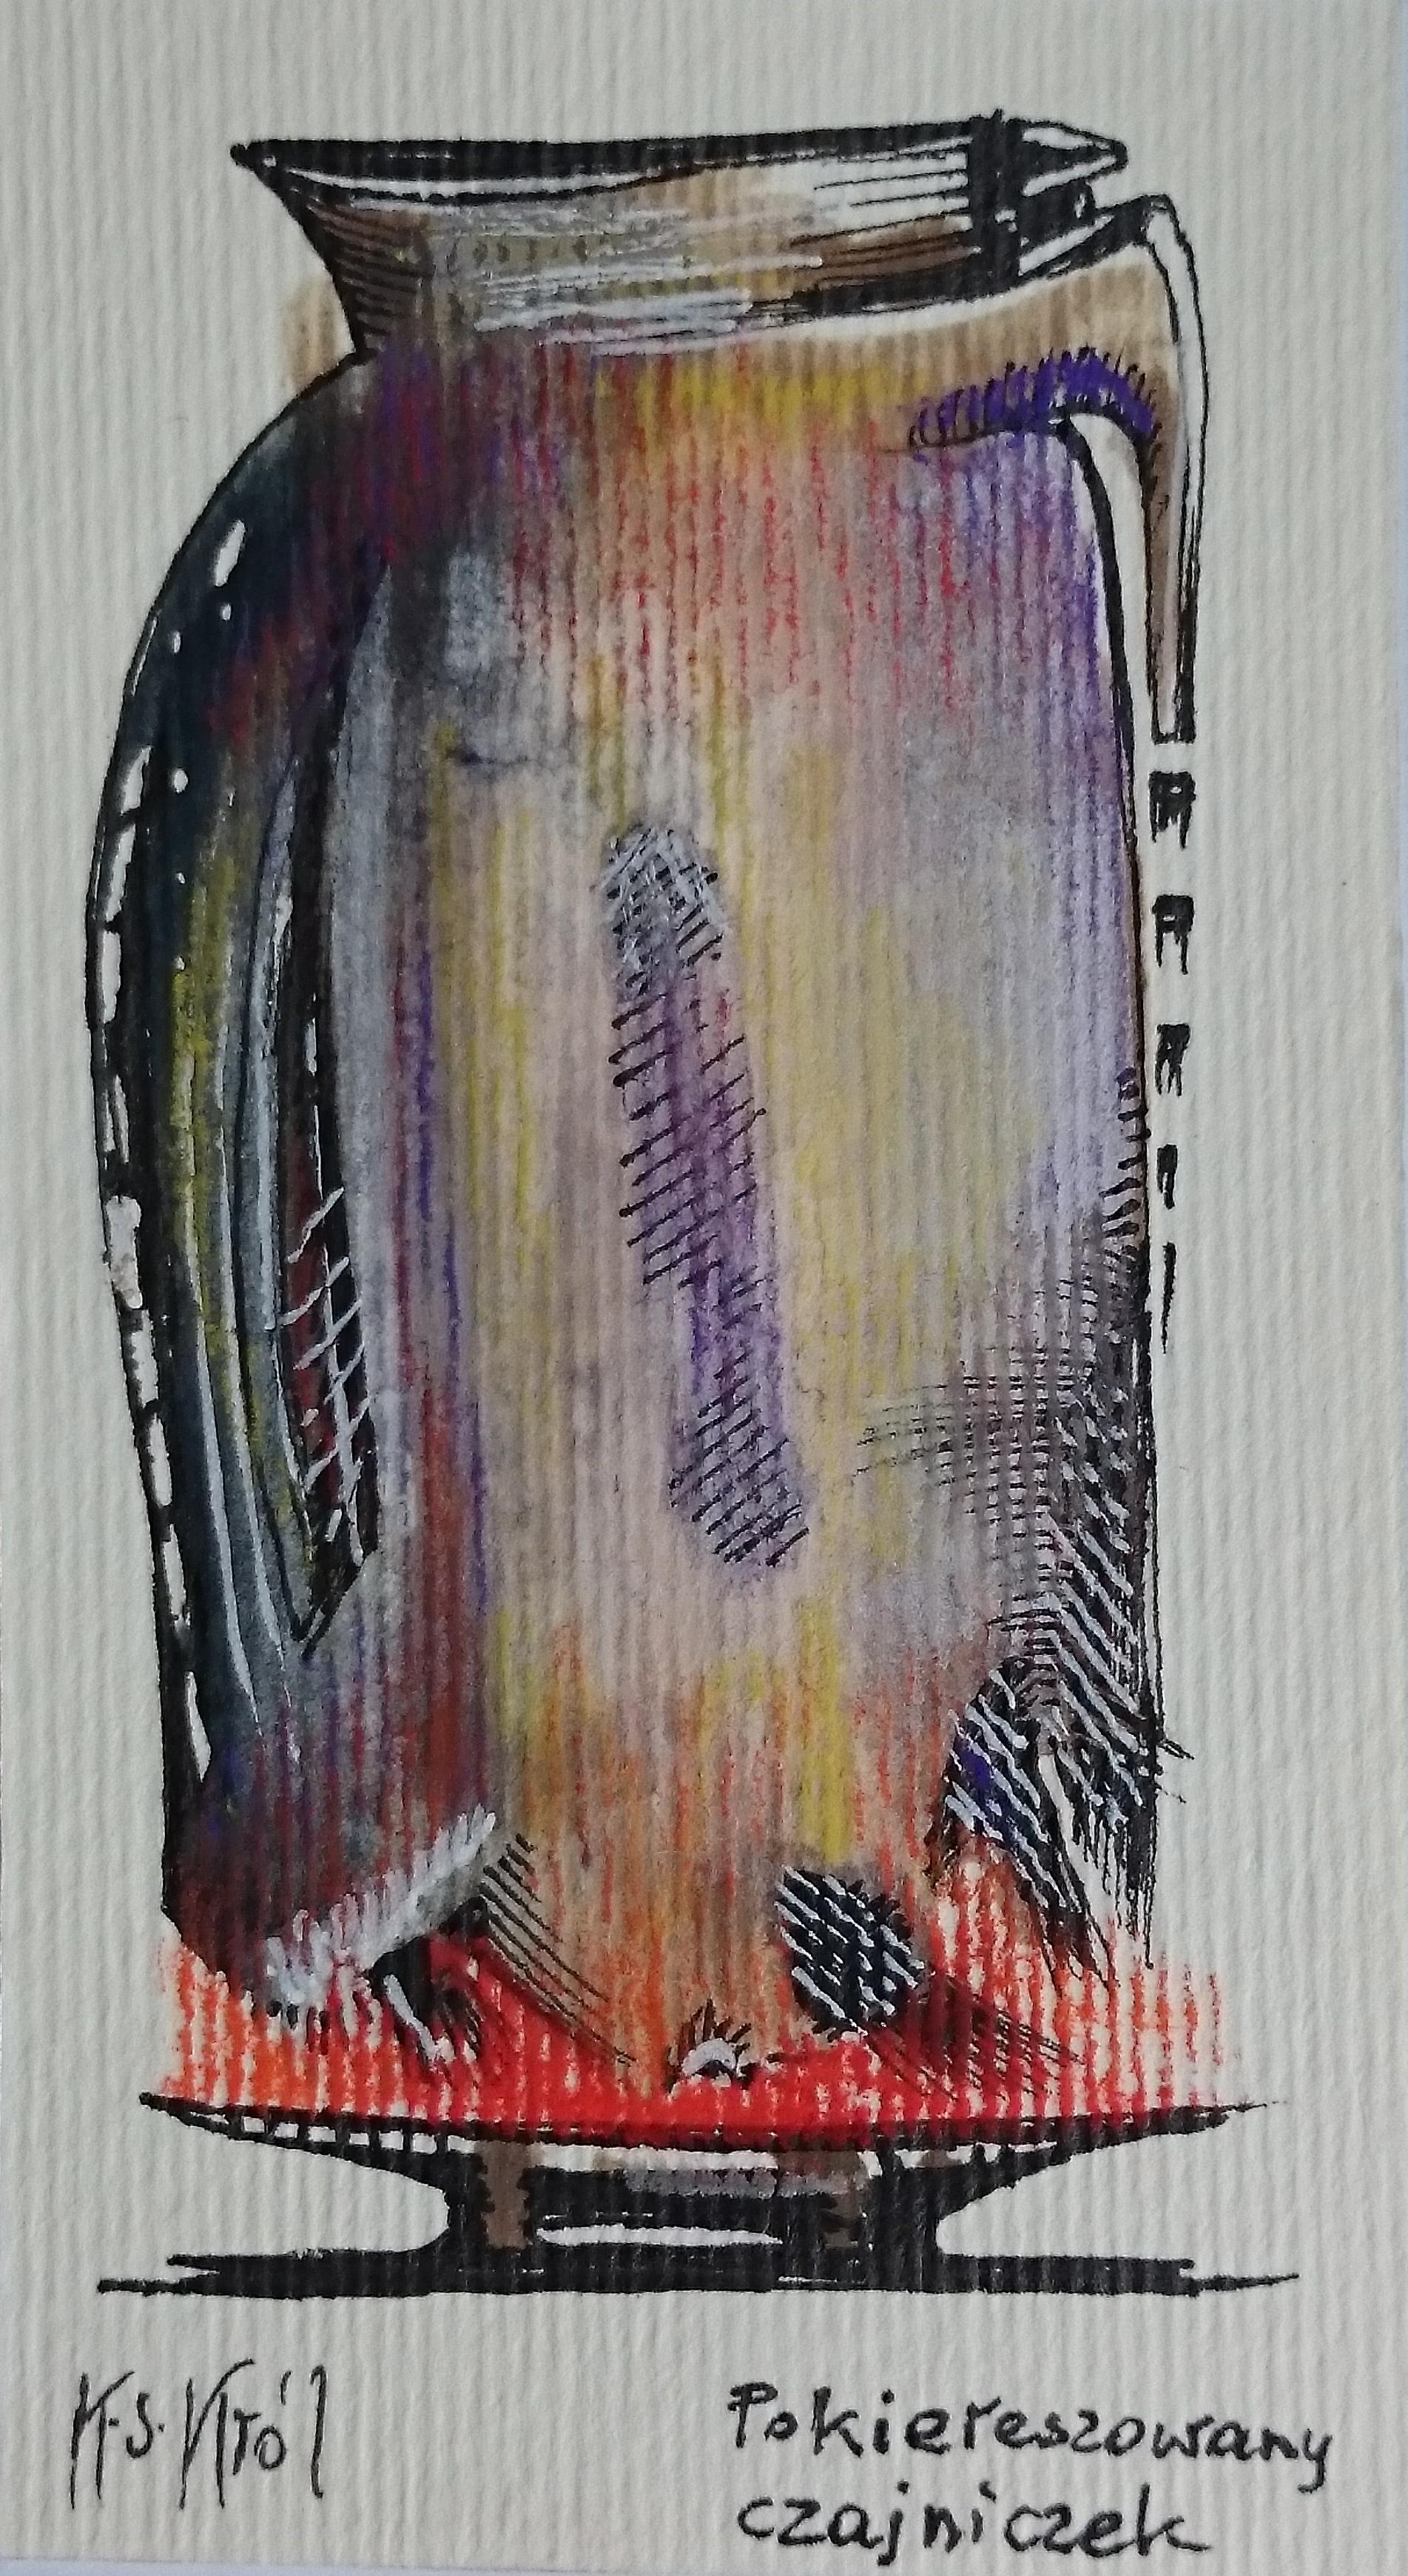 4320 Pokiereszowany czajniczek temp.,tusz, pastel, 9x5